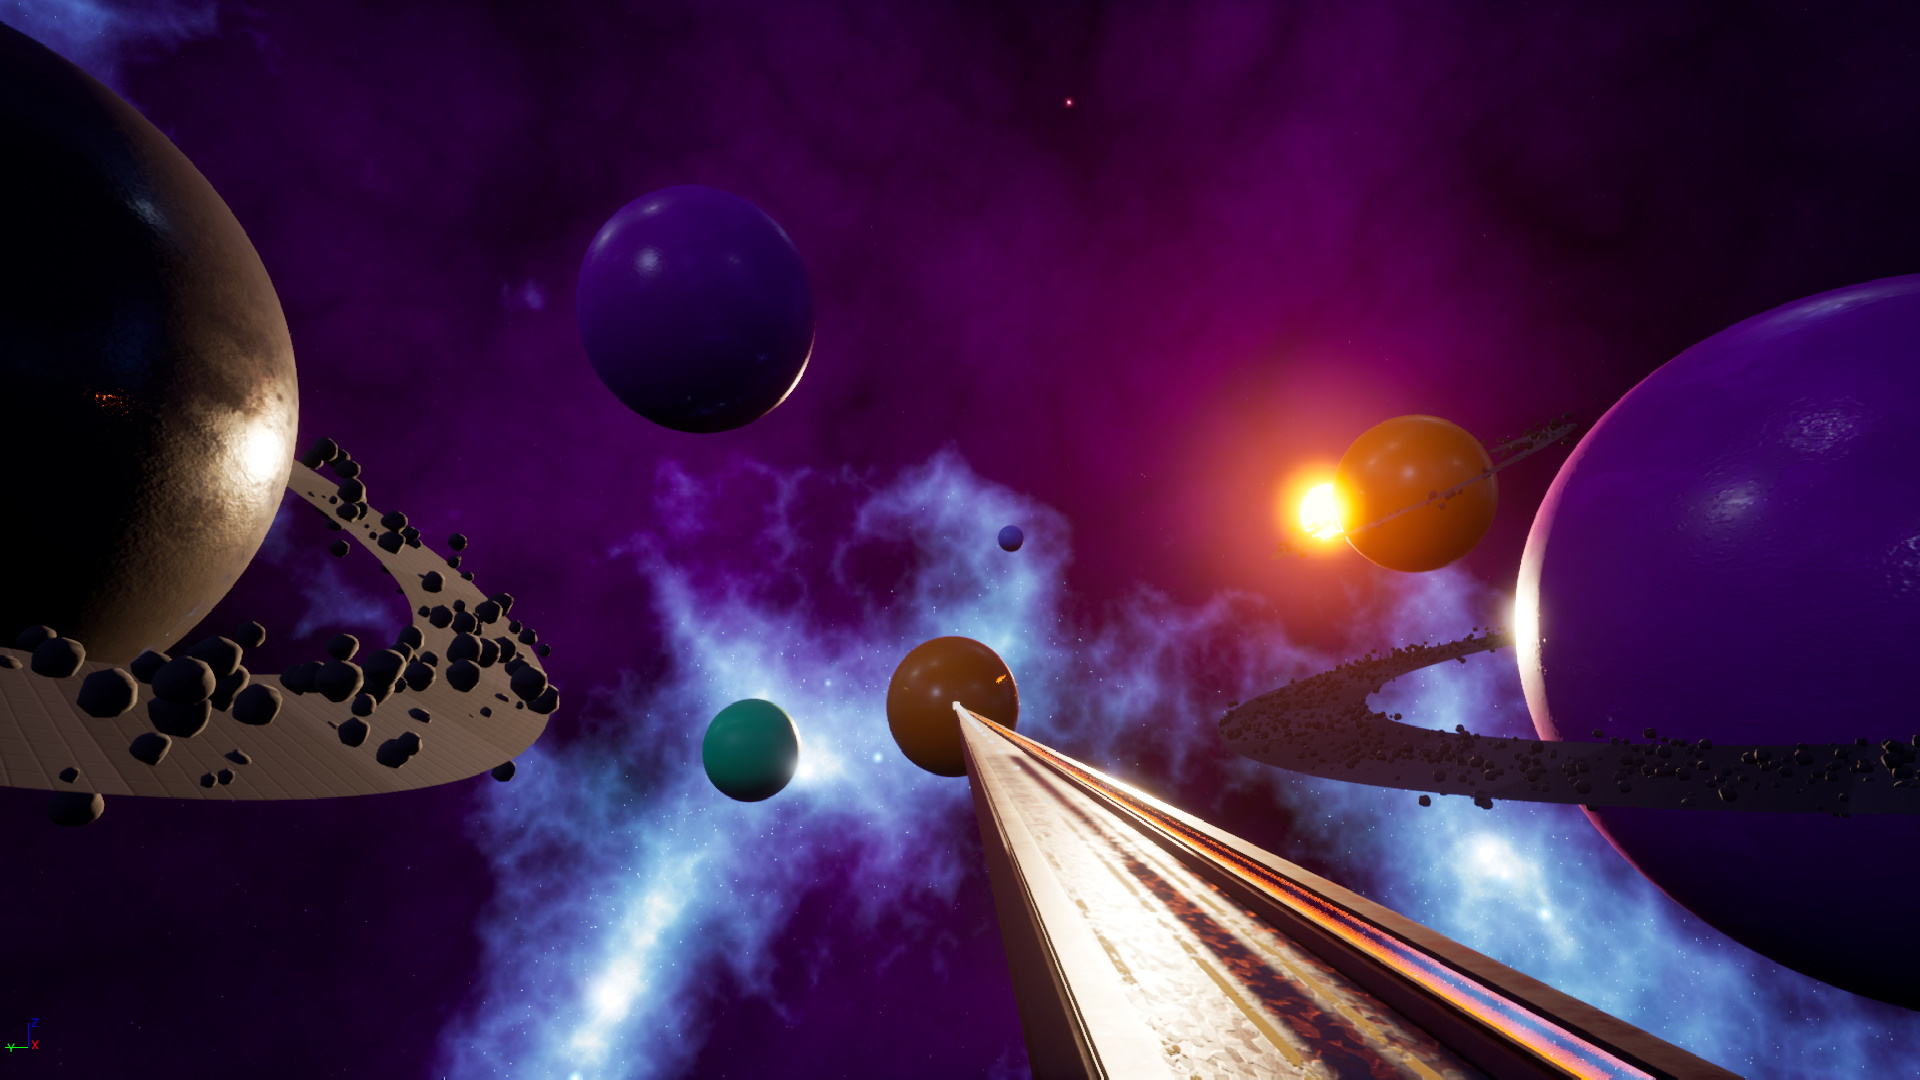 Machine van de maand: Game 'Aliens'